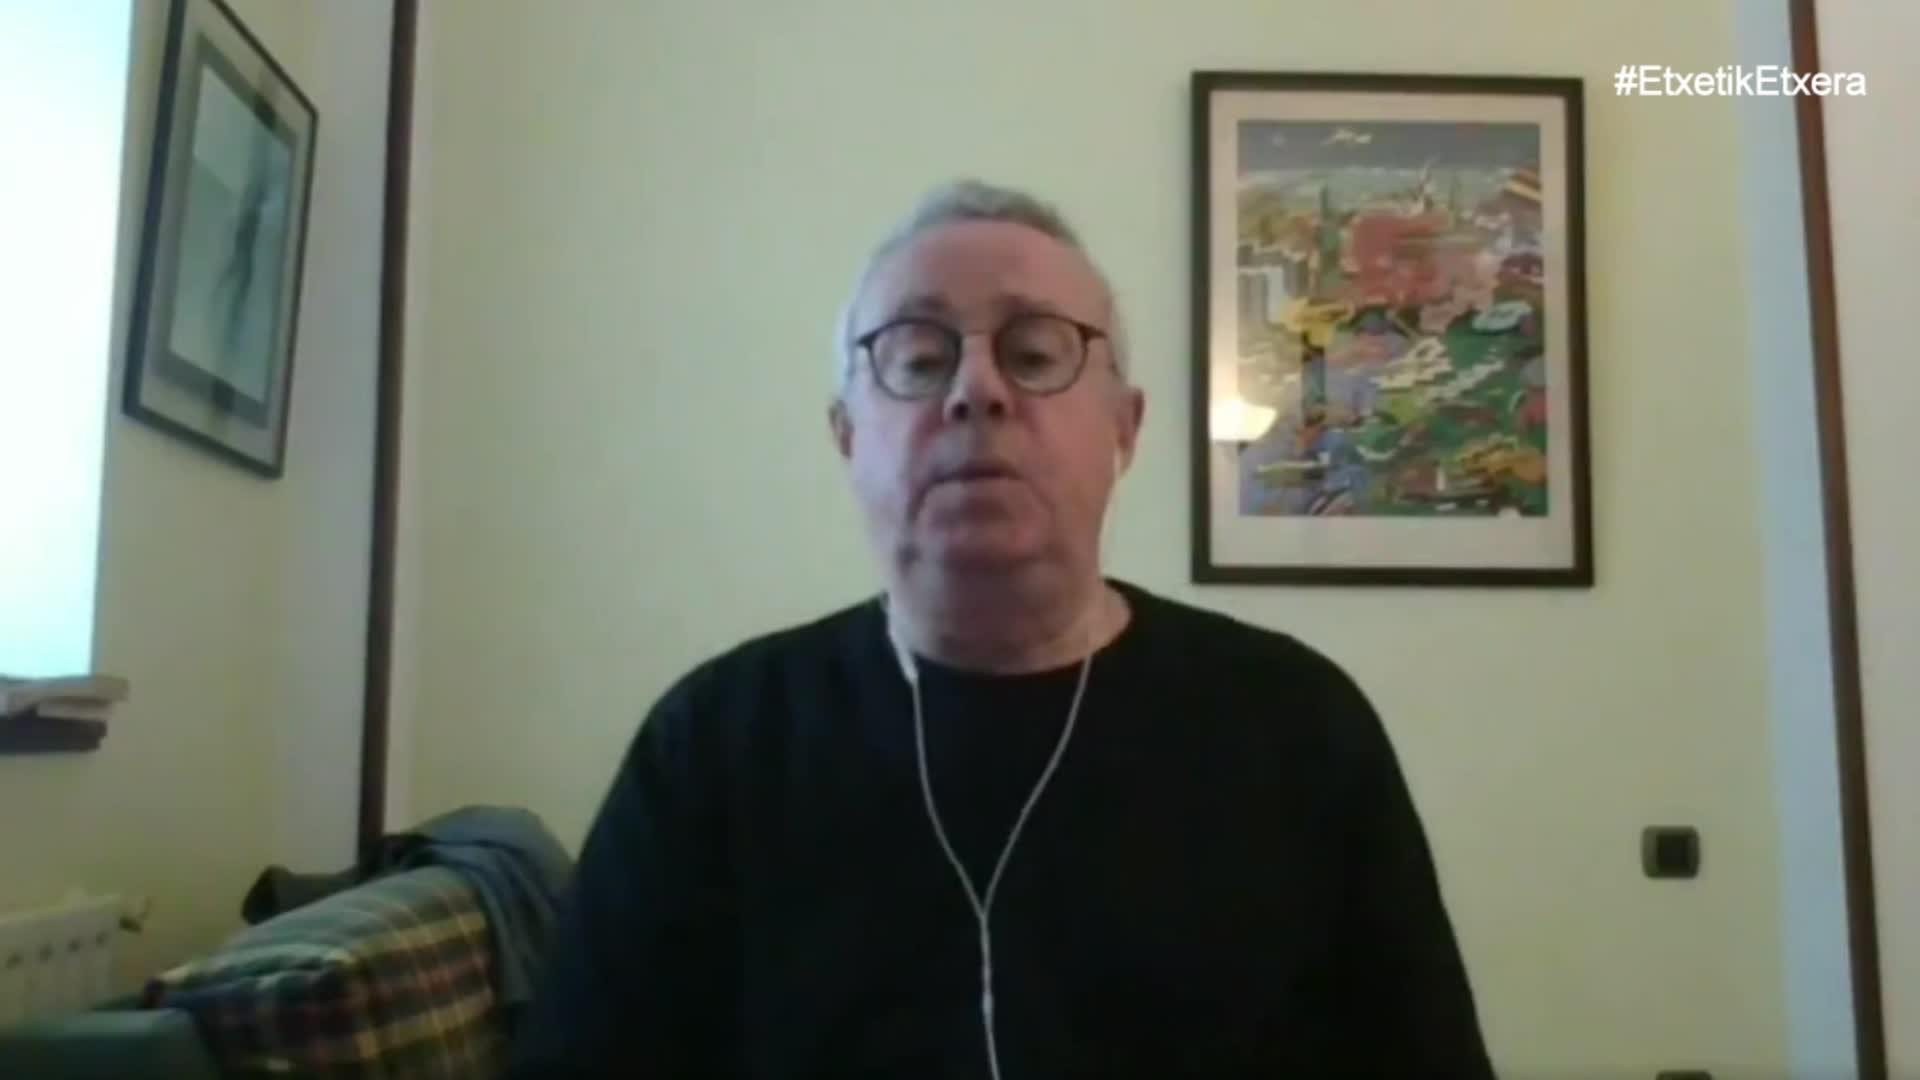 Mikel Alvarez mikrobiologoari elkarrizketa